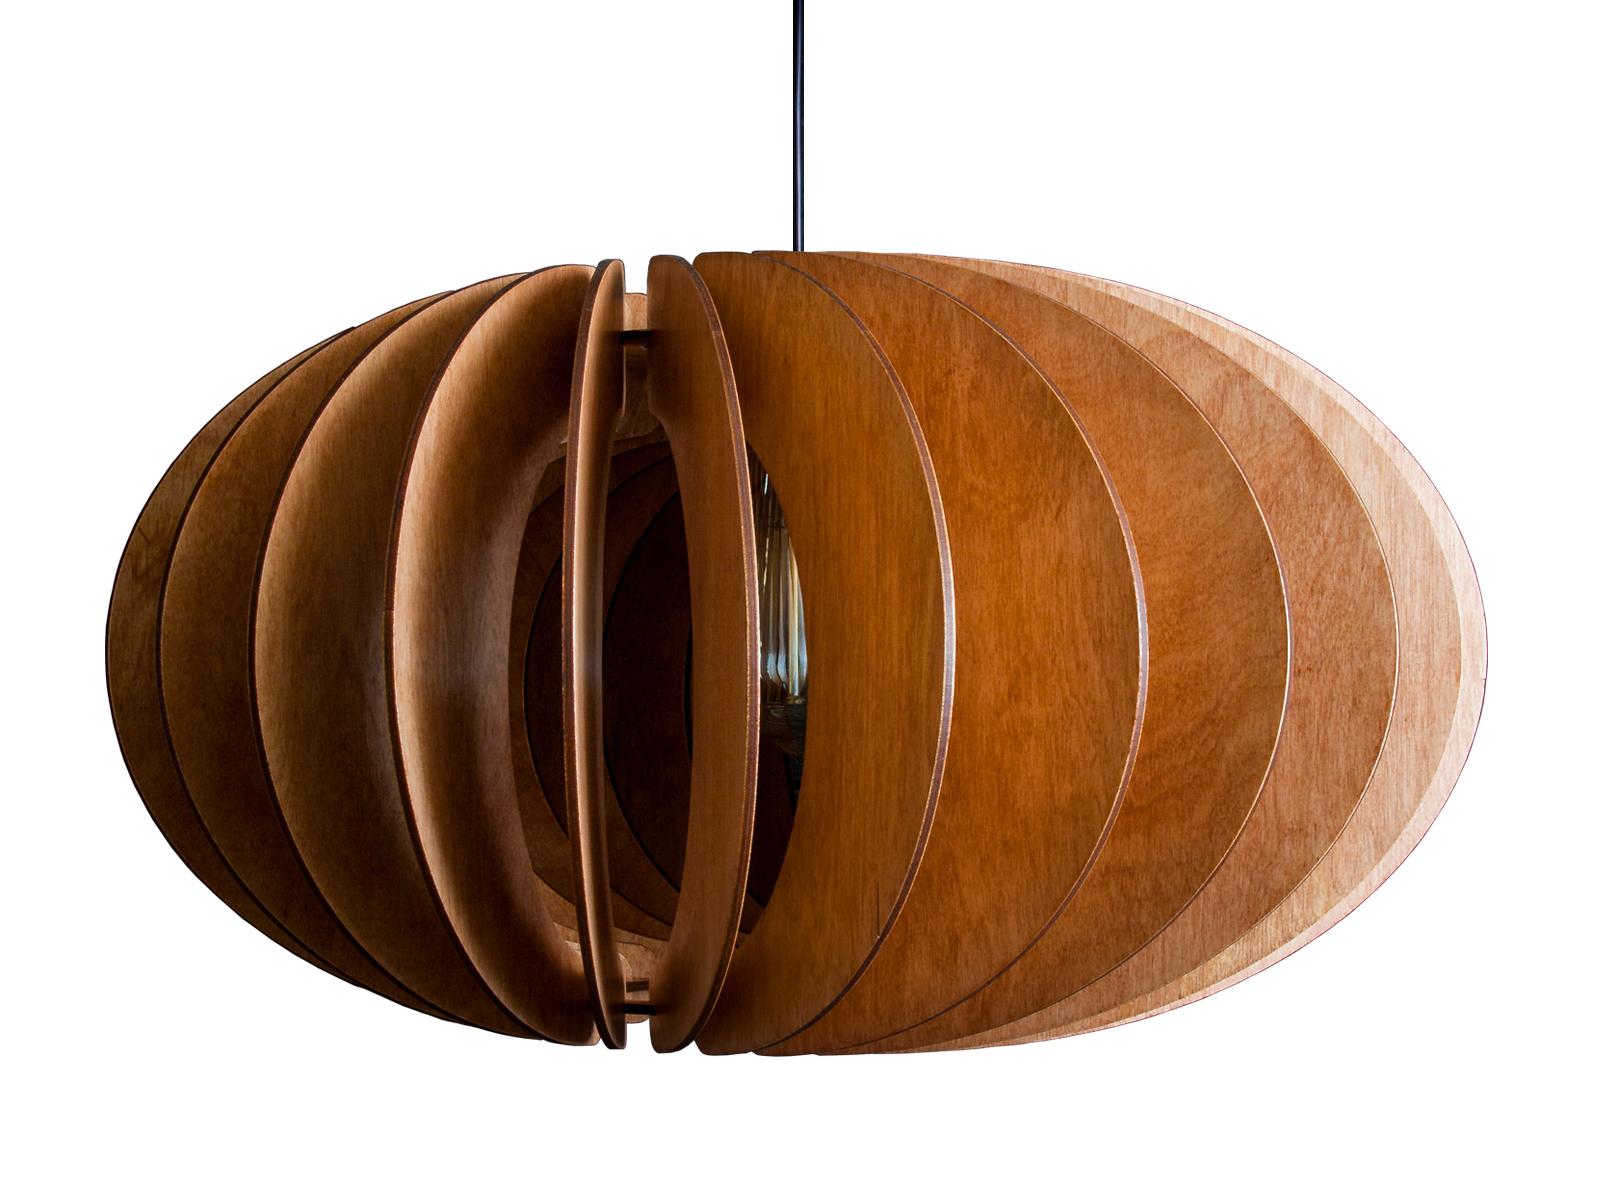 Светильник ЭльзаПодвесные светильники<br>Лампа изготовлена из натуральной березовой фанеры и обработана мебельным воском по английской технологии. Воск переливается, блестит, подчеркивает текстуру дерева и очень устойчив к царапинам. Прекрасно подходит как для классических интерьеров, так и для техно и лофт стилей.&amp;amp;nbsp;&amp;lt;div&amp;gt;Мы рекомендуем использовать светодиодные (LED) лампы, но Вы также можете использовать и классические лампы накаливания и ретро-лампочки Эдисона.&amp;amp;nbsp;&amp;lt;/div&amp;gt;&amp;lt;div&amp;gt;&amp;lt;br&amp;gt;&amp;lt;/div&amp;gt;&amp;lt;div&amp;gt;&amp;lt;div style=&amp;quot;font-size: 14px;&amp;quot;&amp;gt;&amp;lt;span style=&amp;quot;font-size: 14px;&amp;quot;&amp;gt;Тип цоколя: E27&amp;lt;/span&amp;gt;&amp;lt;br&amp;gt;&amp;lt;/div&amp;gt;&amp;lt;div style=&amp;quot;font-size: 14px;&amp;quot;&amp;gt;&amp;lt;div&amp;gt;Мощность: 40W&amp;lt;/div&amp;gt;&amp;lt;div&amp;gt;Кол-во ламп: 1 (нет в комплекте)&amp;lt;/div&amp;gt;&amp;lt;/div&amp;gt;&amp;lt;div style=&amp;quot;font-size: 14px;&amp;quot;&amp;gt;&amp;lt;br&amp;gt;&amp;lt;/div&amp;gt;&amp;lt;div style=&amp;quot;font-size: 14px;&amp;quot;&amp;gt;Длина провода 150 см.&amp;lt;br&amp;gt;&amp;lt;/div&amp;gt;&amp;lt;div style=&amp;quot;font-size: 14px;&amp;quot;&amp;gt;&amp;lt;span style=&amp;quot;font-size: 14px;&amp;quot;&amp;gt;Не рекомендуется использование лампы мощнее 60 Вт.&amp;lt;/span&amp;gt;&amp;lt;/div&amp;gt;&amp;lt;/div&amp;gt;<br><br>Material: Дерево<br>Высота см: 22